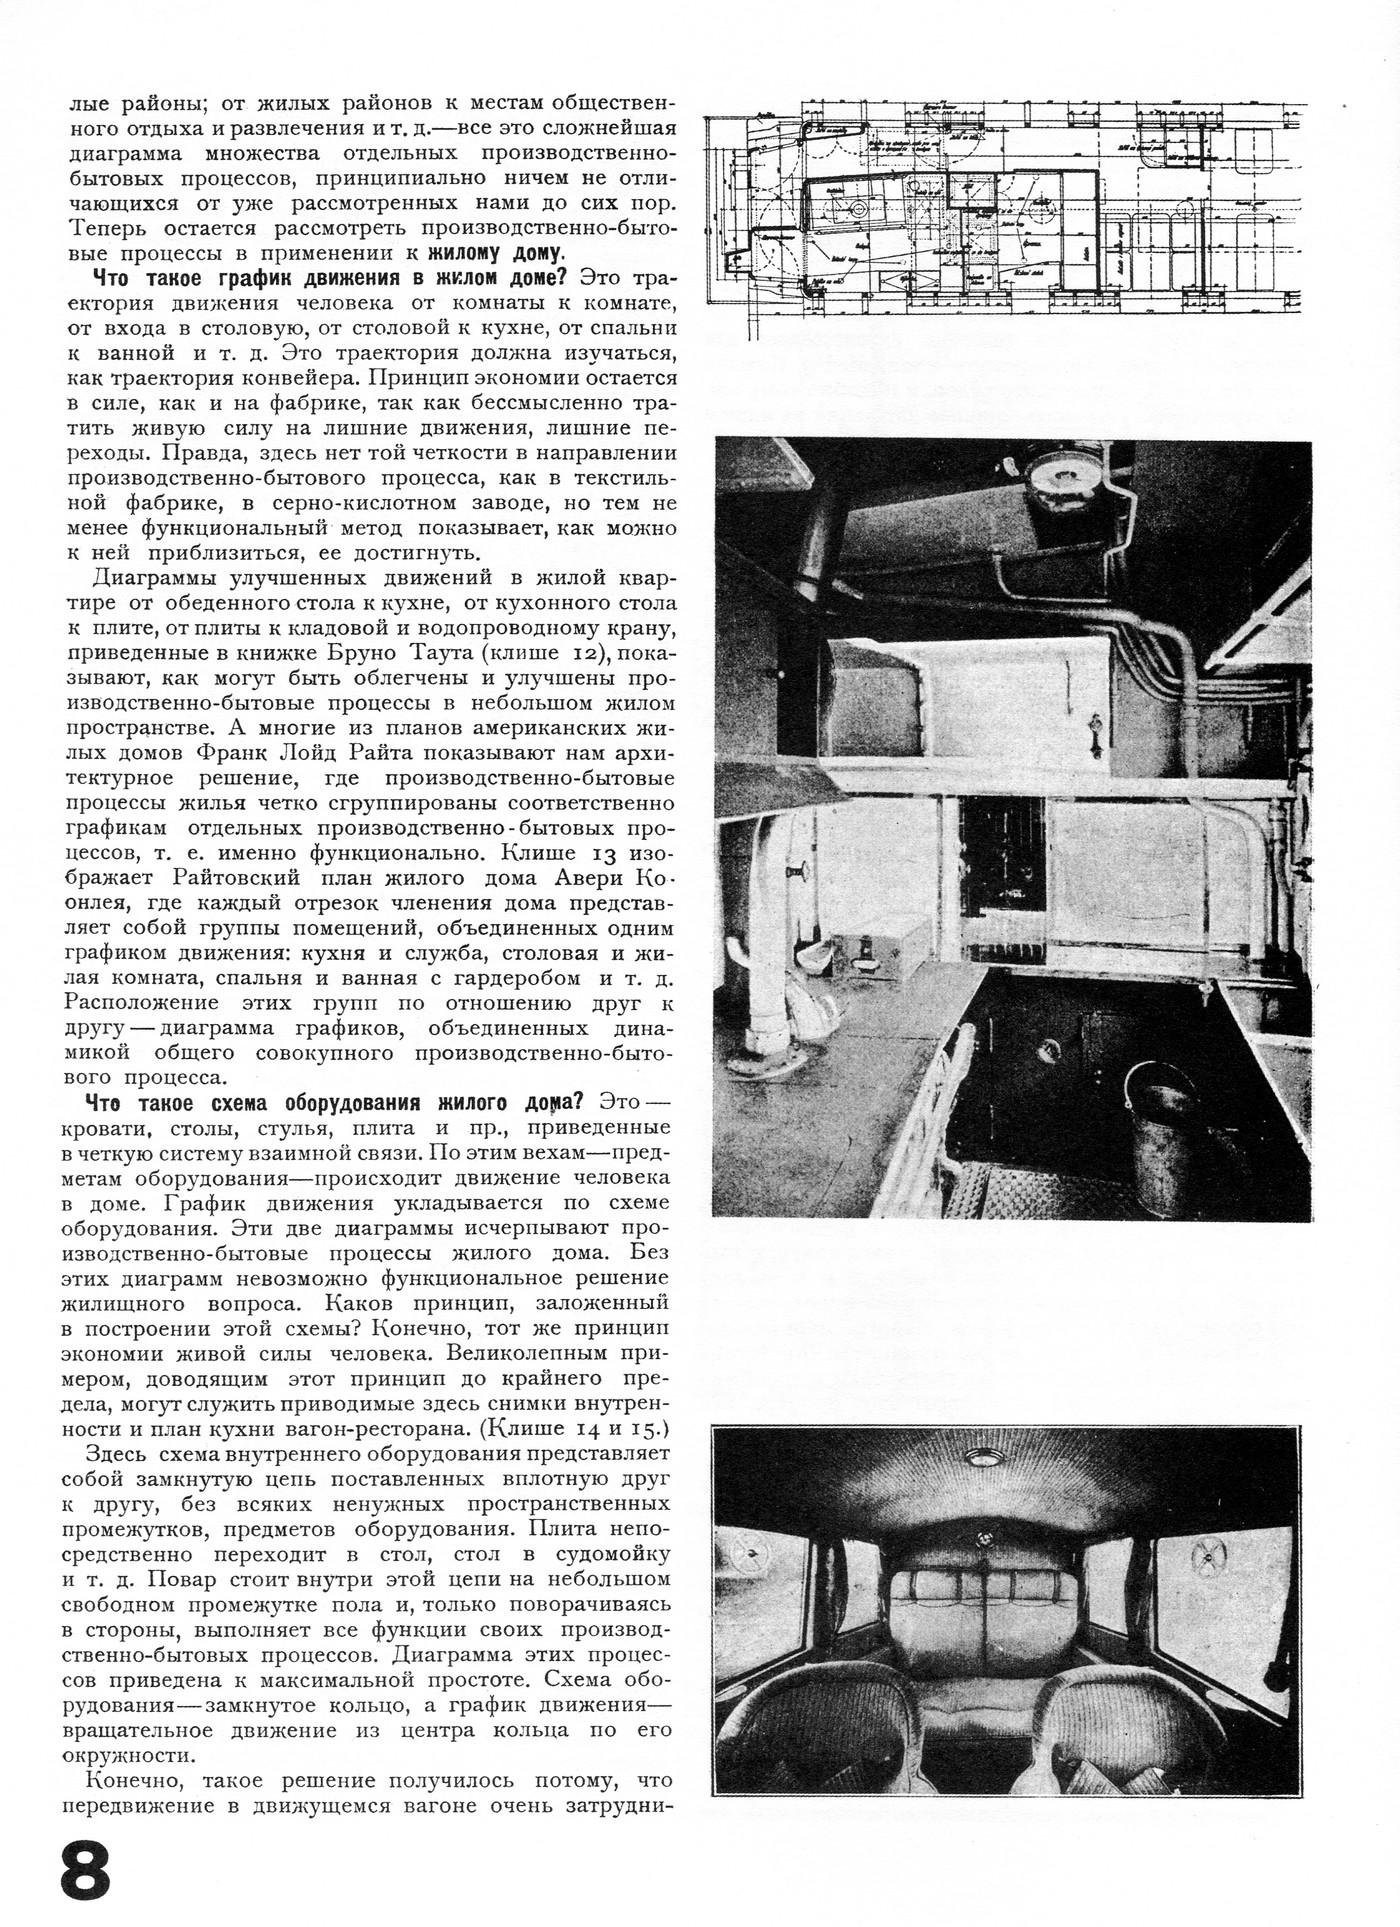 tehne.com-1927-1-012